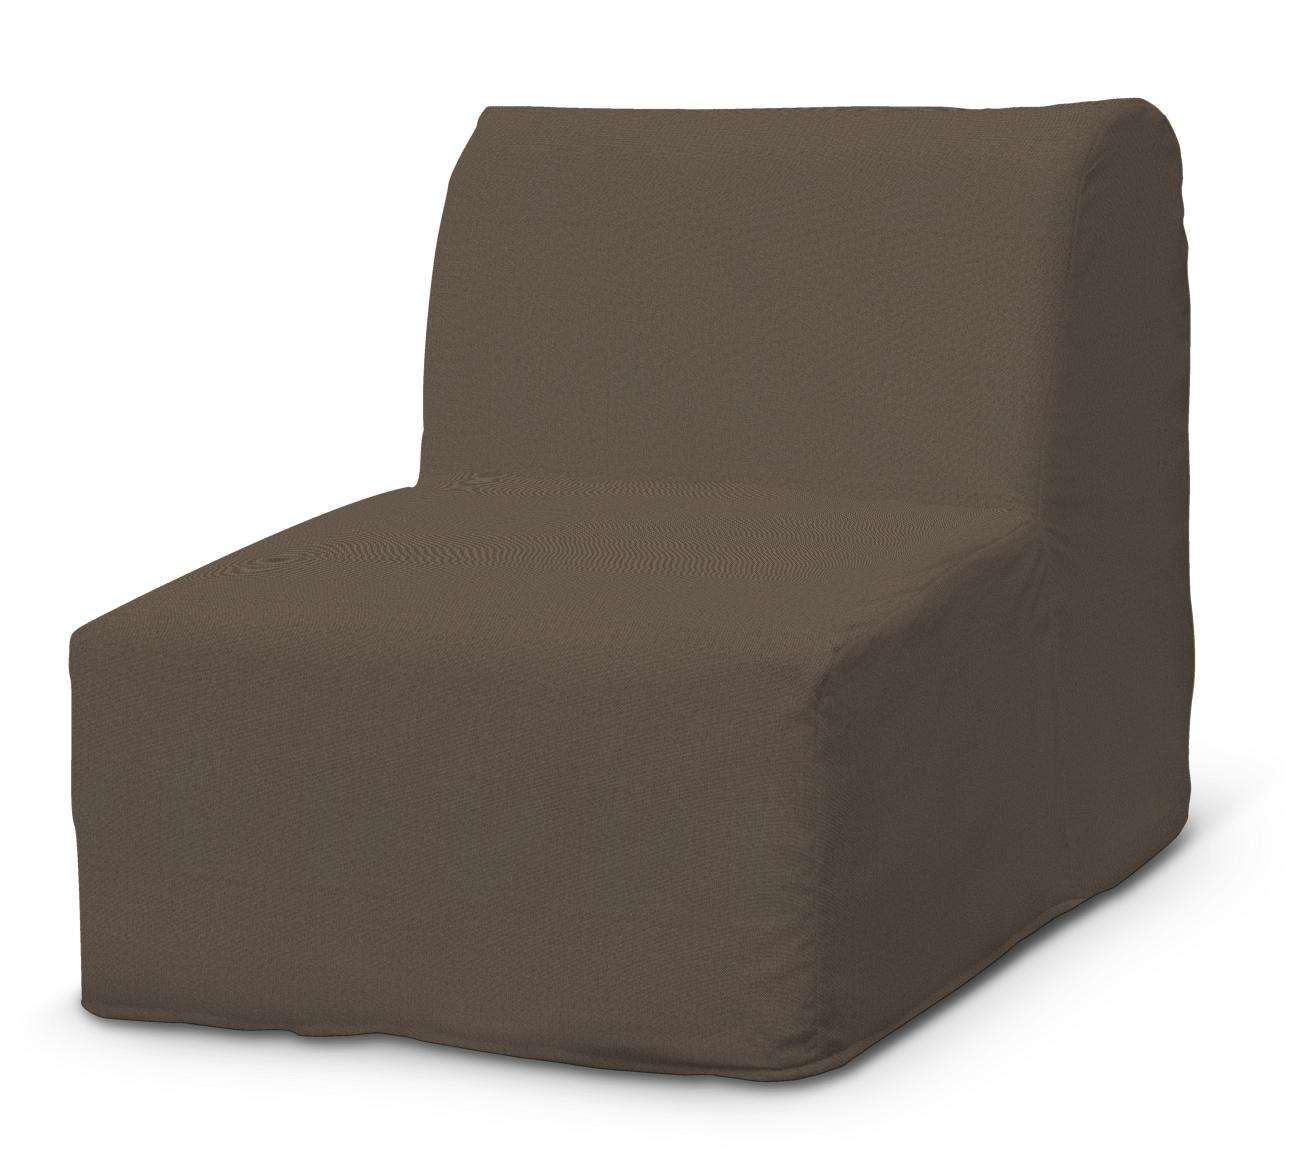 Lyckesele trekk lenestol med volang fra kolleksjonen Etna - Ikke for gardiner, Stoffets bredde: 705-08